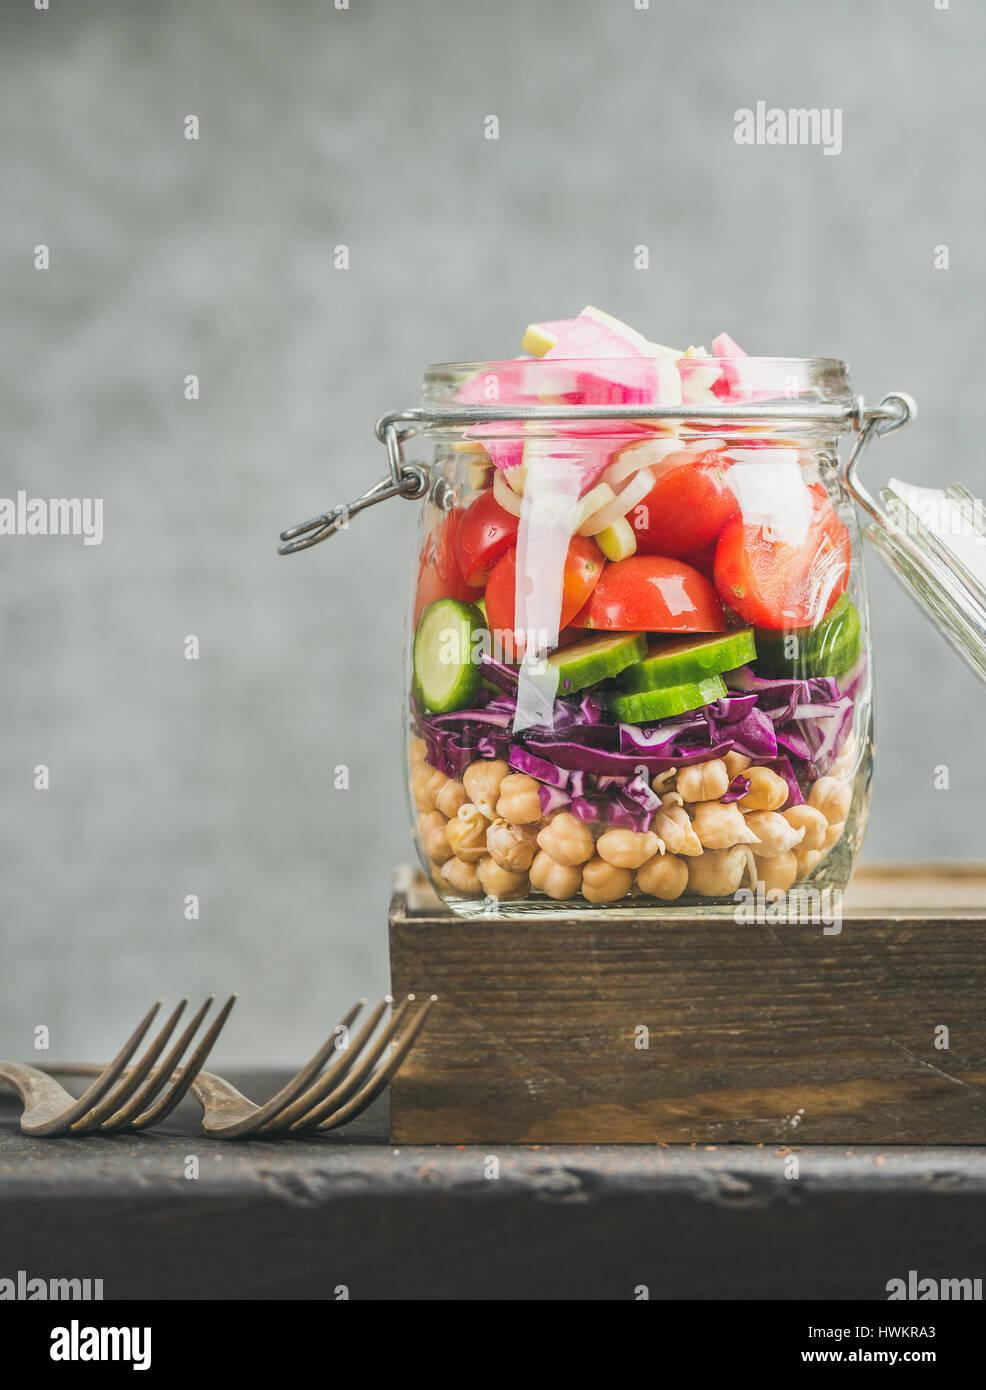 Close-up of layered sain salade à emporter avec les légumes, les choux de pois chiches Photo Stock